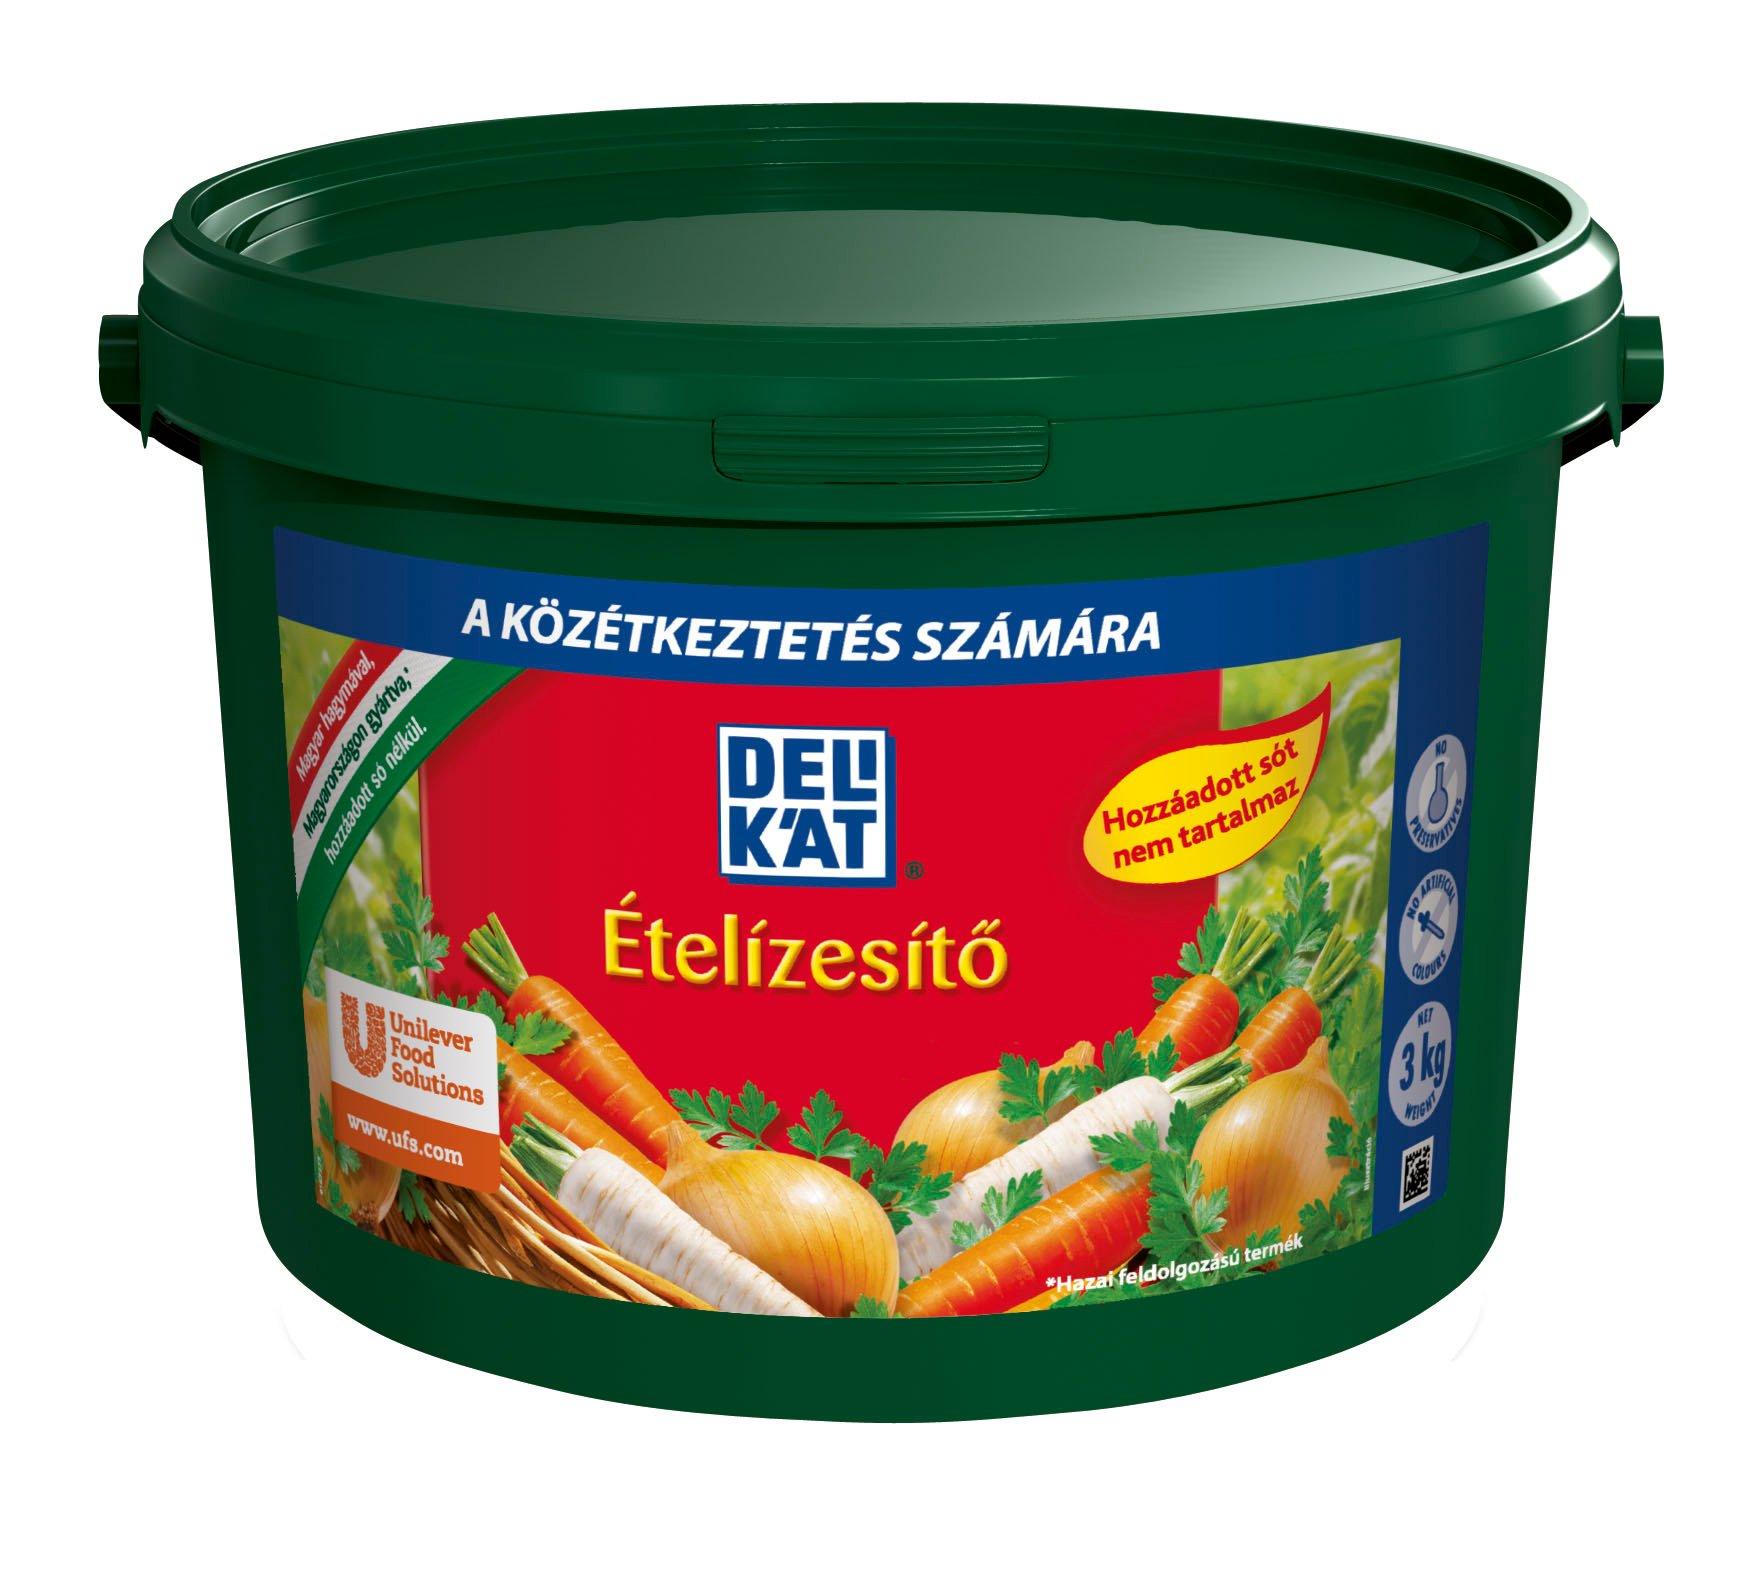 KNORR Delikát Ételízesítő hozzáadott só nélkül 3kg*